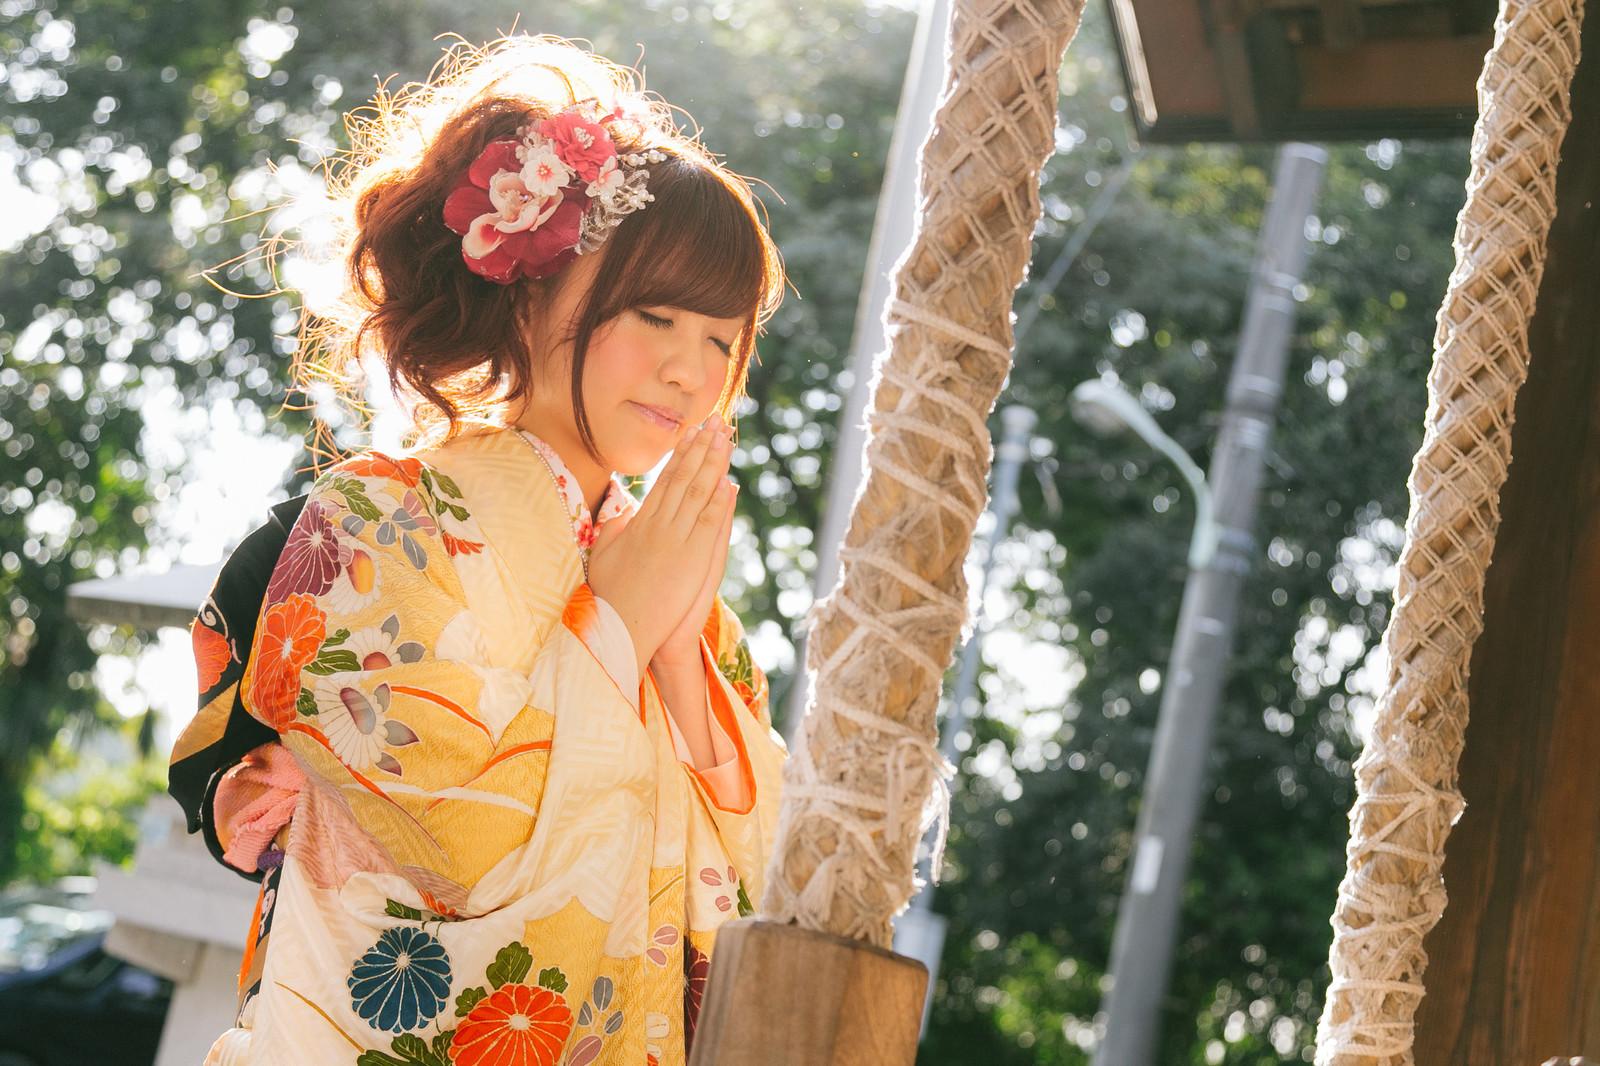 大原神社(大原大宮神社)は月毎・季節毎に変わる美しい御朱印が人気!